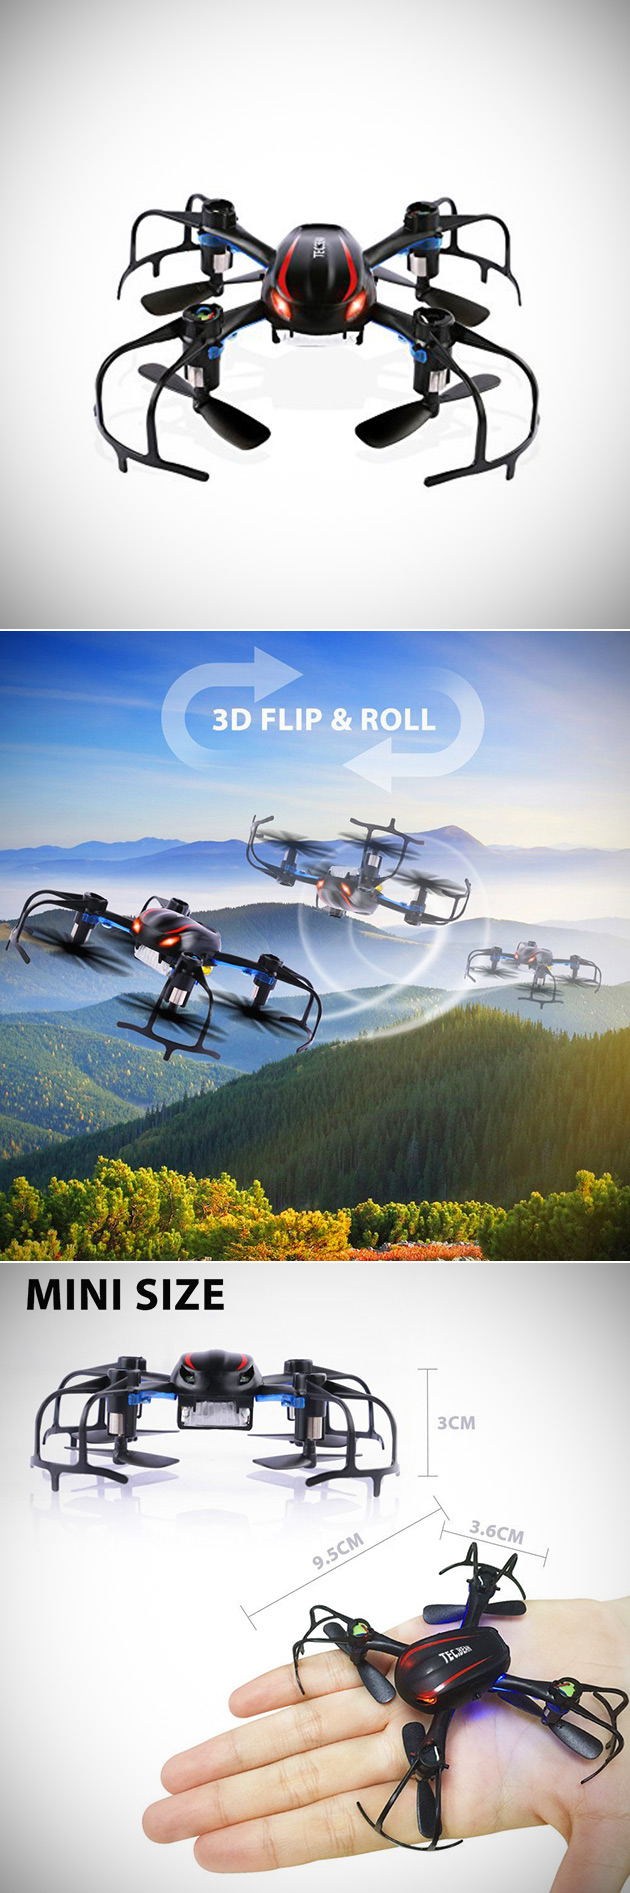 X902 Drone